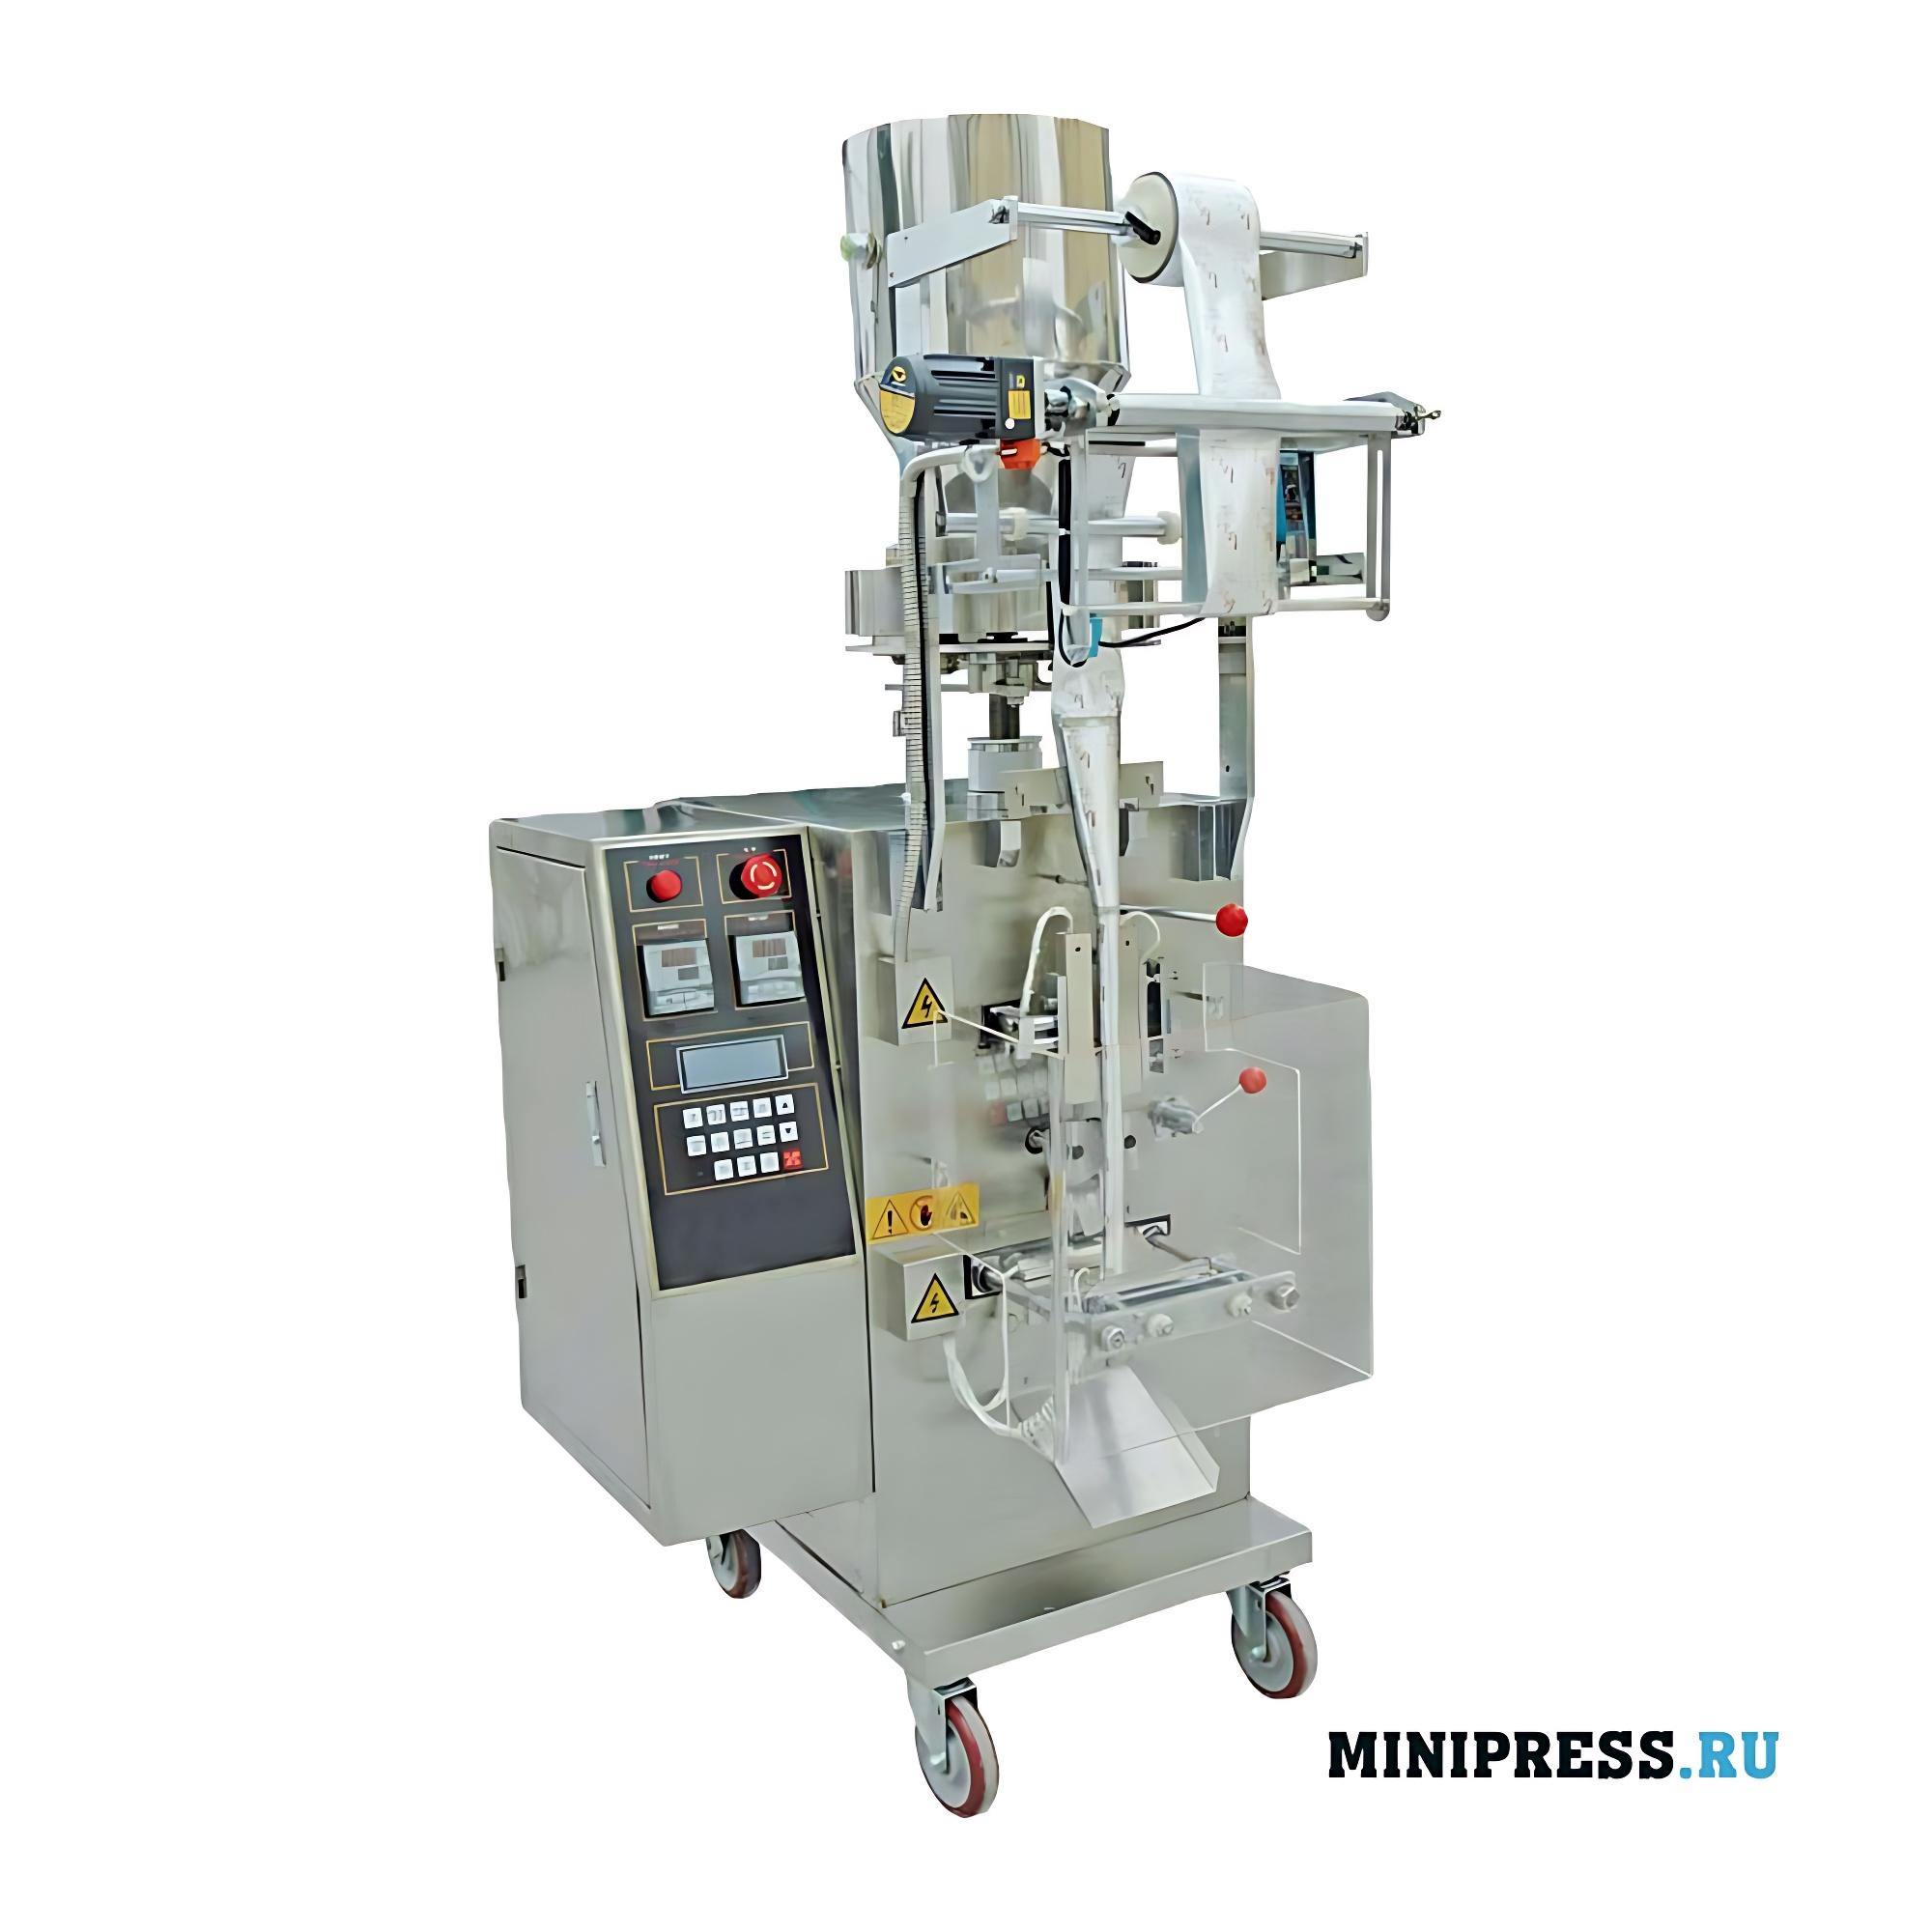 Автоматическое оборудование для упаковки и запечатывания пакетиков с гранулами